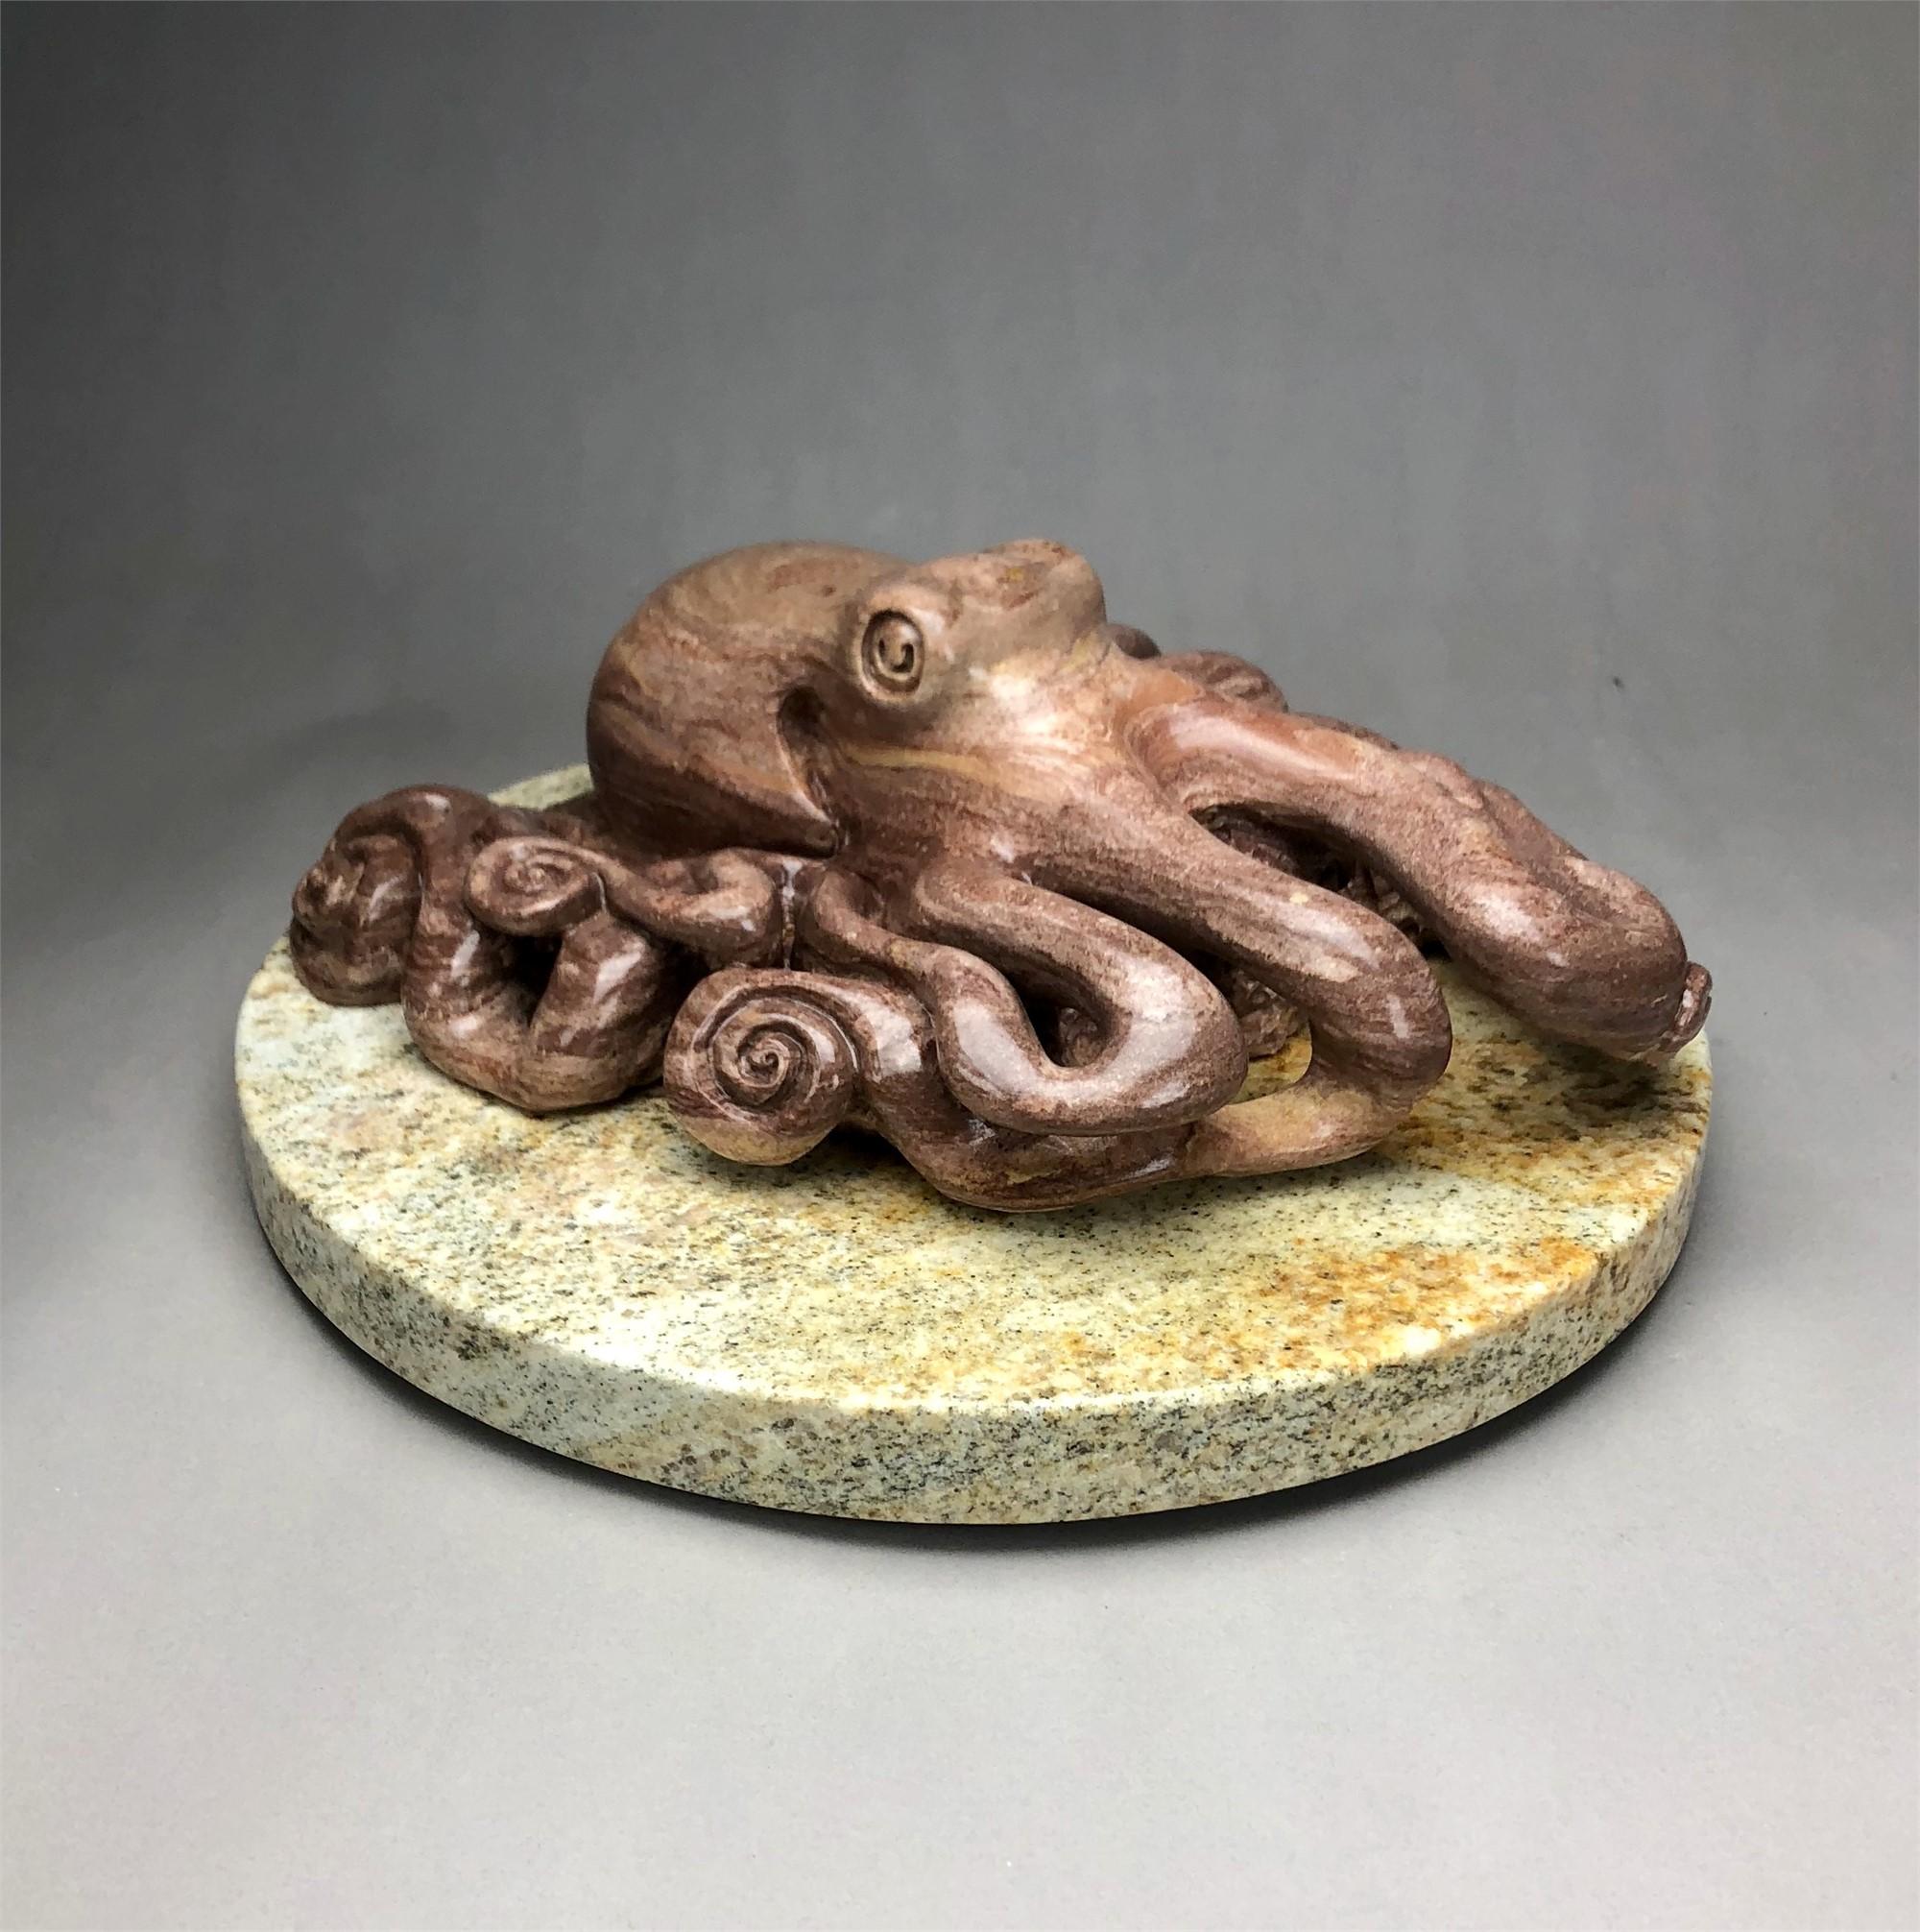 On the Prowl (Octopus) by Scott Penegar